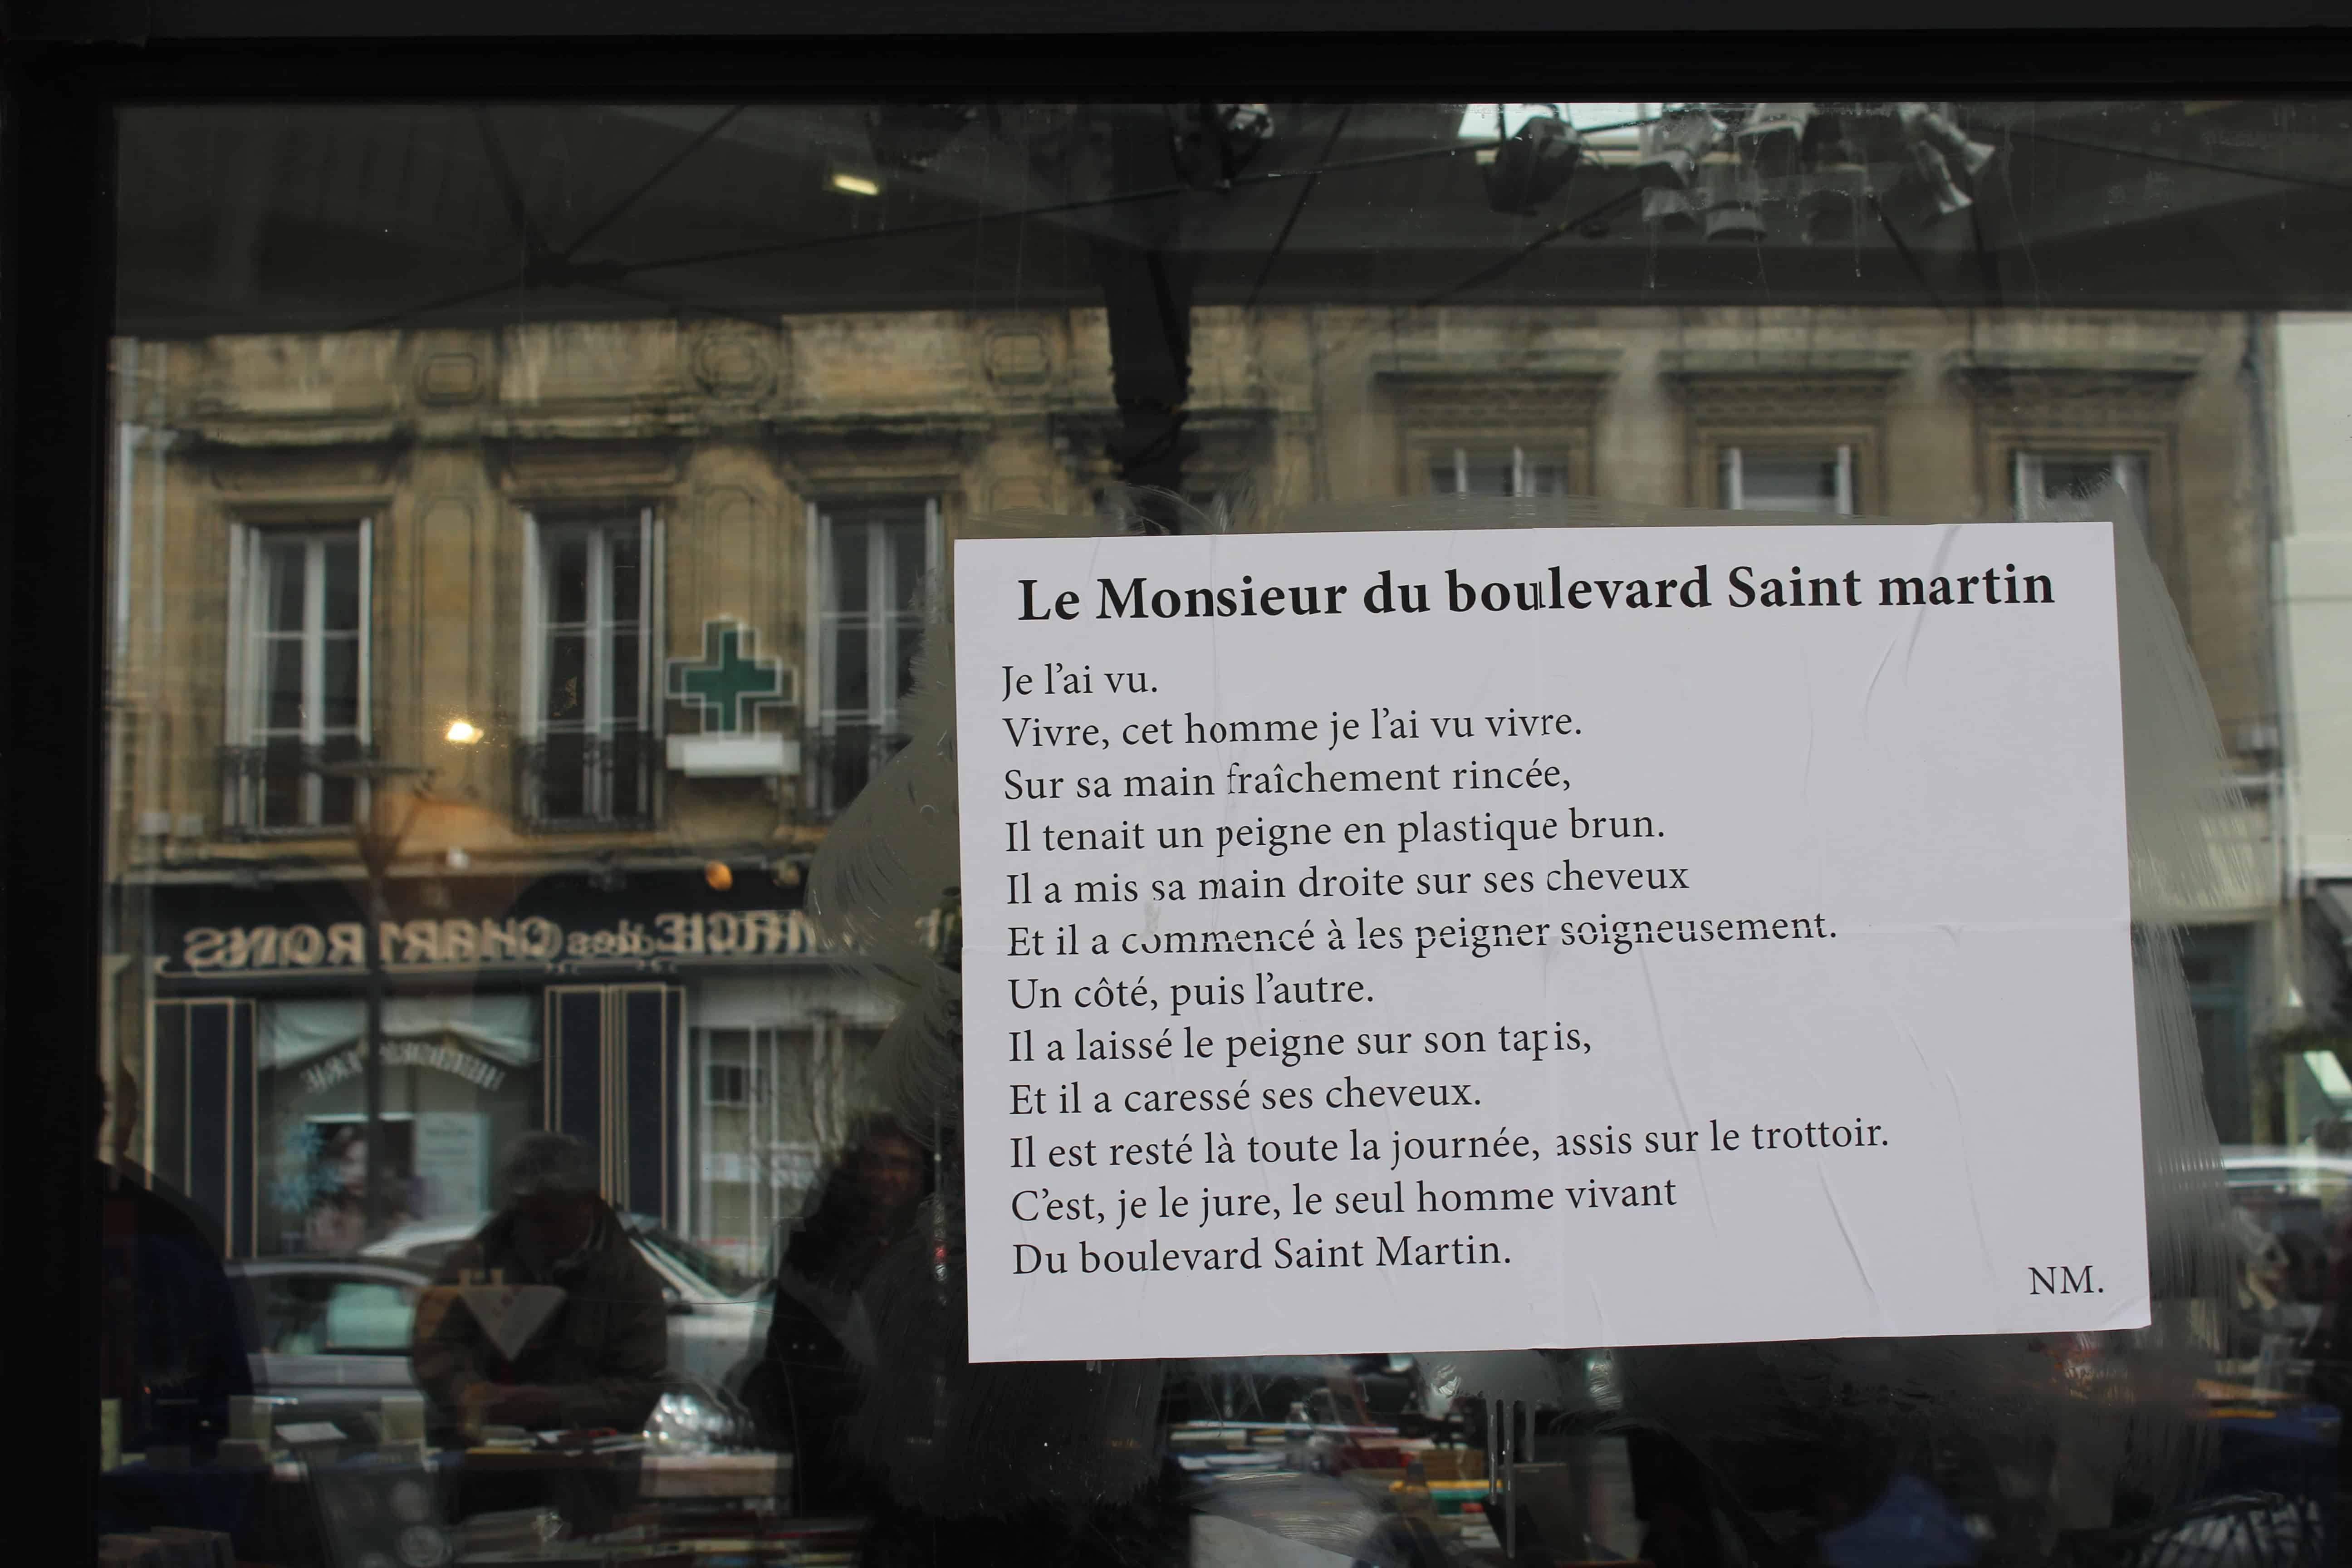 le monsieur du boulevard saint martin, bordeaux, printemps des poètes, 2015, nathalie man